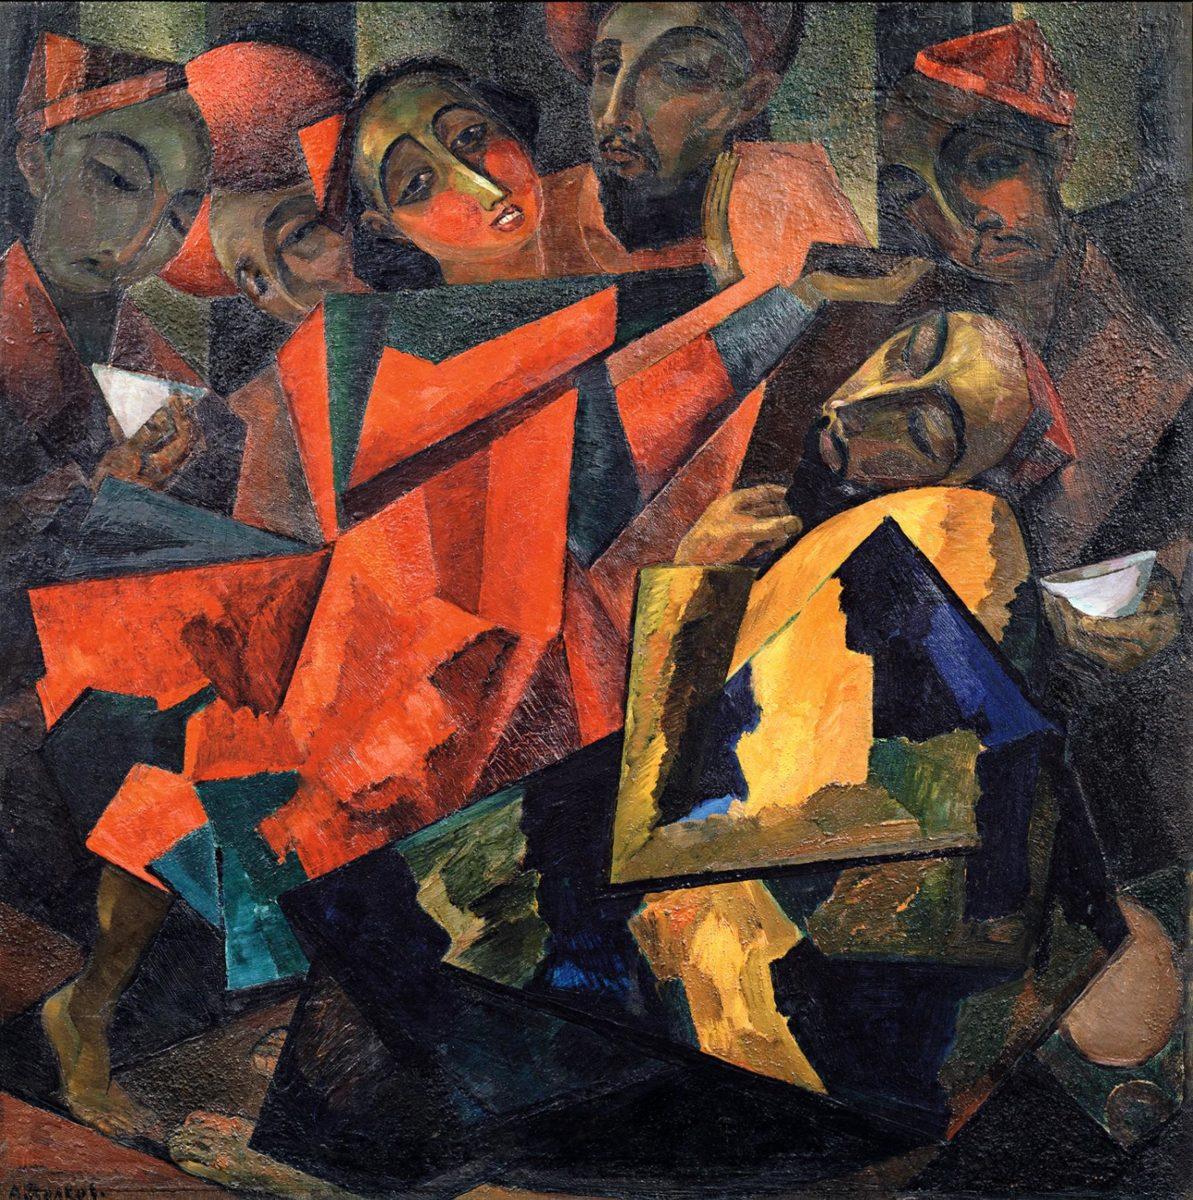 Выставка «Охотники за искусством» в Музее русского импрессионизма  – события на сайте «Московские Сезоны»